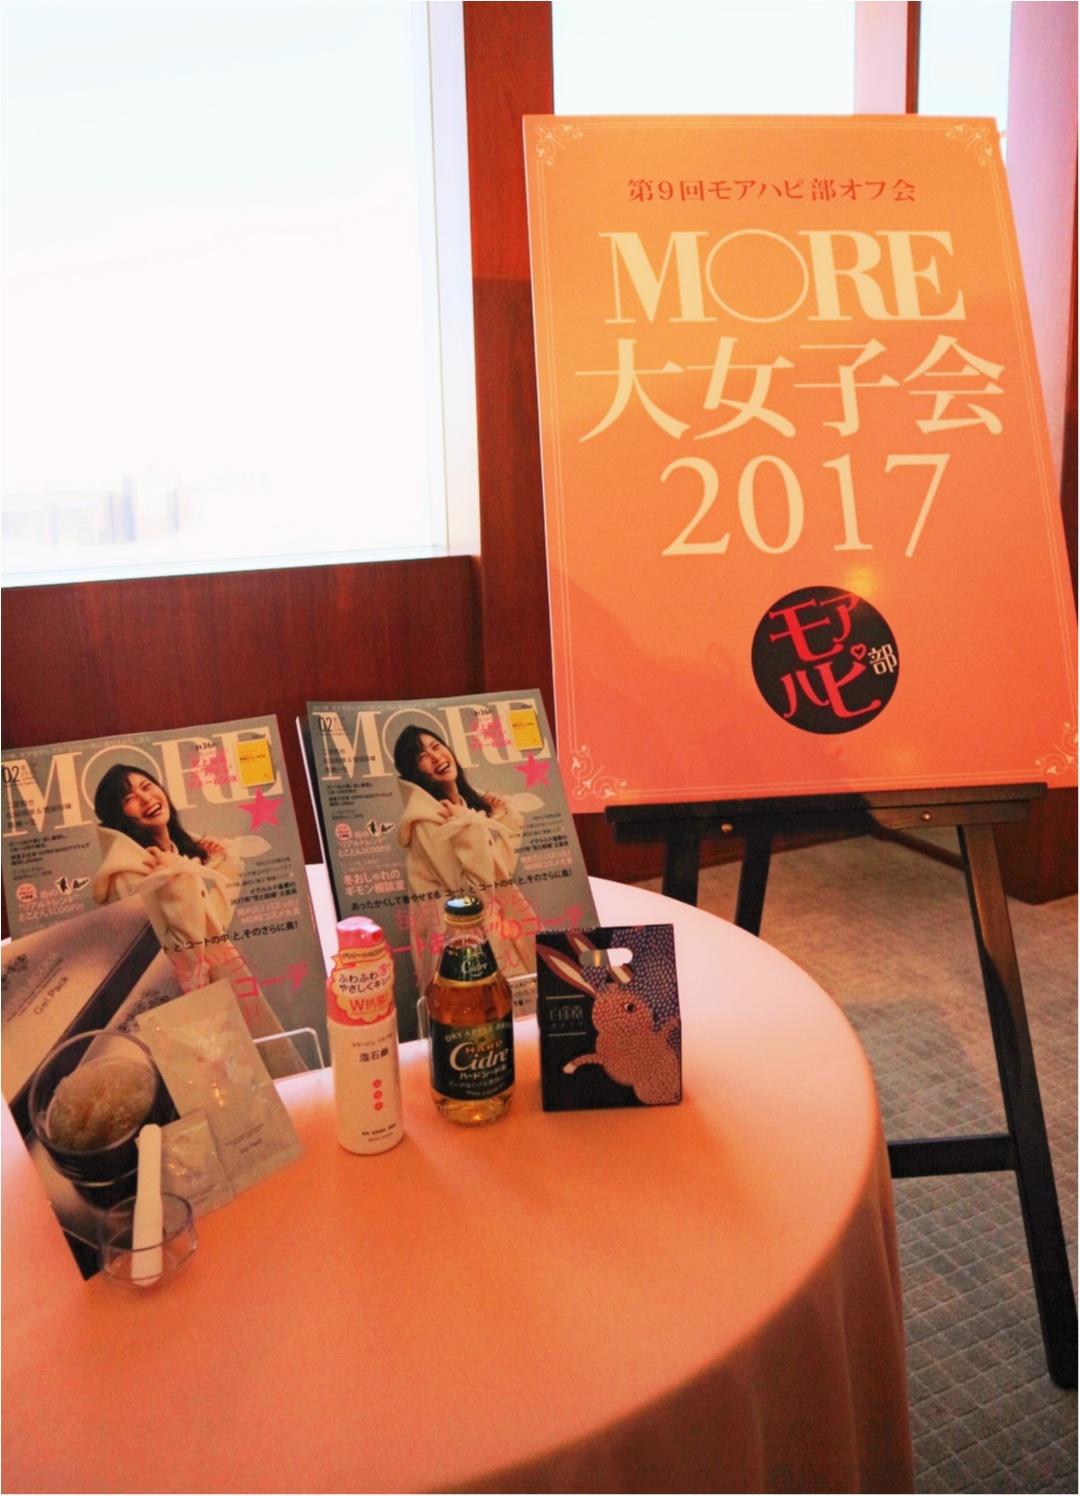 年に一度の乙女の祭典♡「モアハピ部大女子会2017」の様子をお届け☻『パークハイアット 東京』のビュッフェを大公開!_7